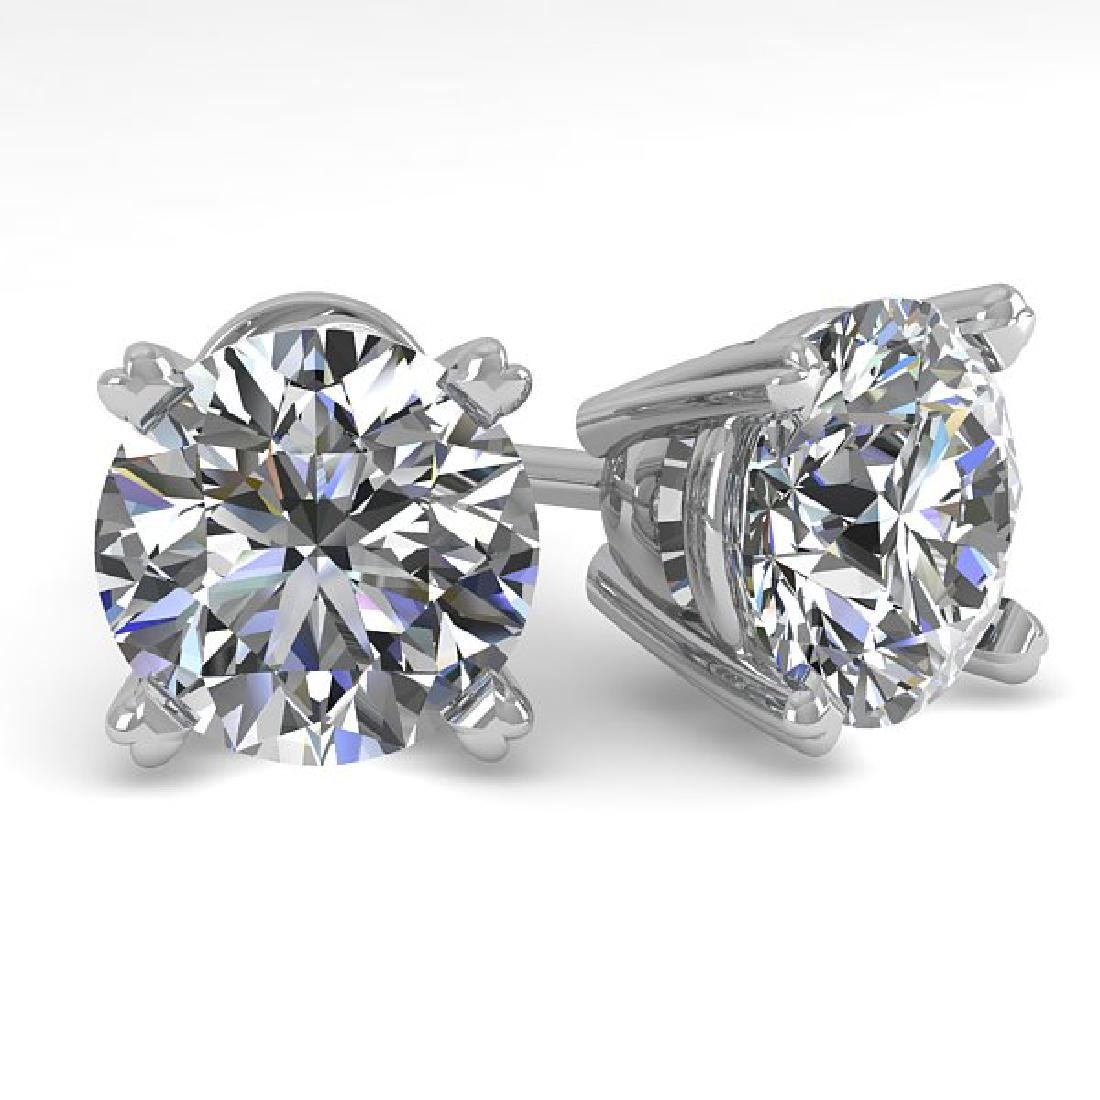 2.53 CTW Certified VS/SI Diamond Stud Earrings 18K